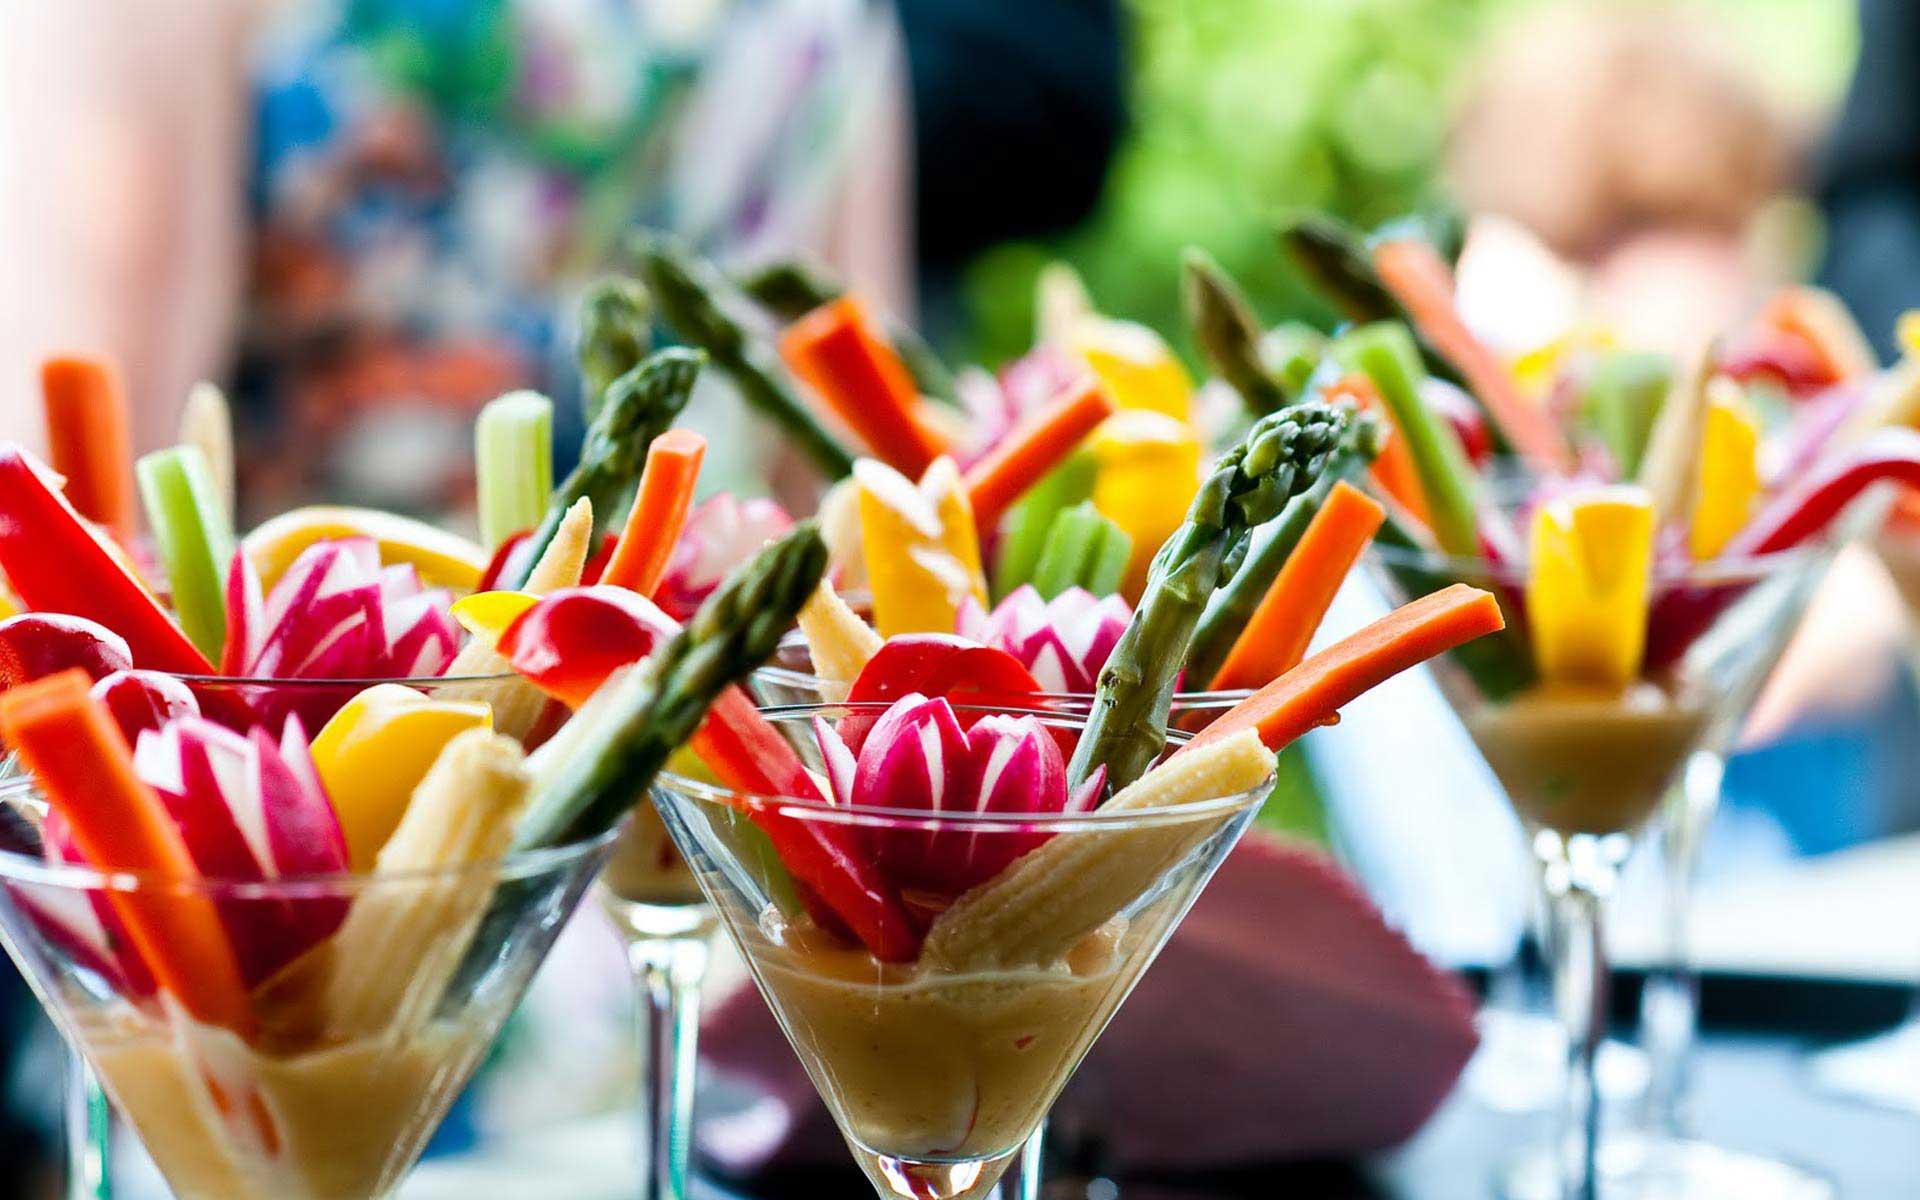 fruits - vejetaryen yemekleri